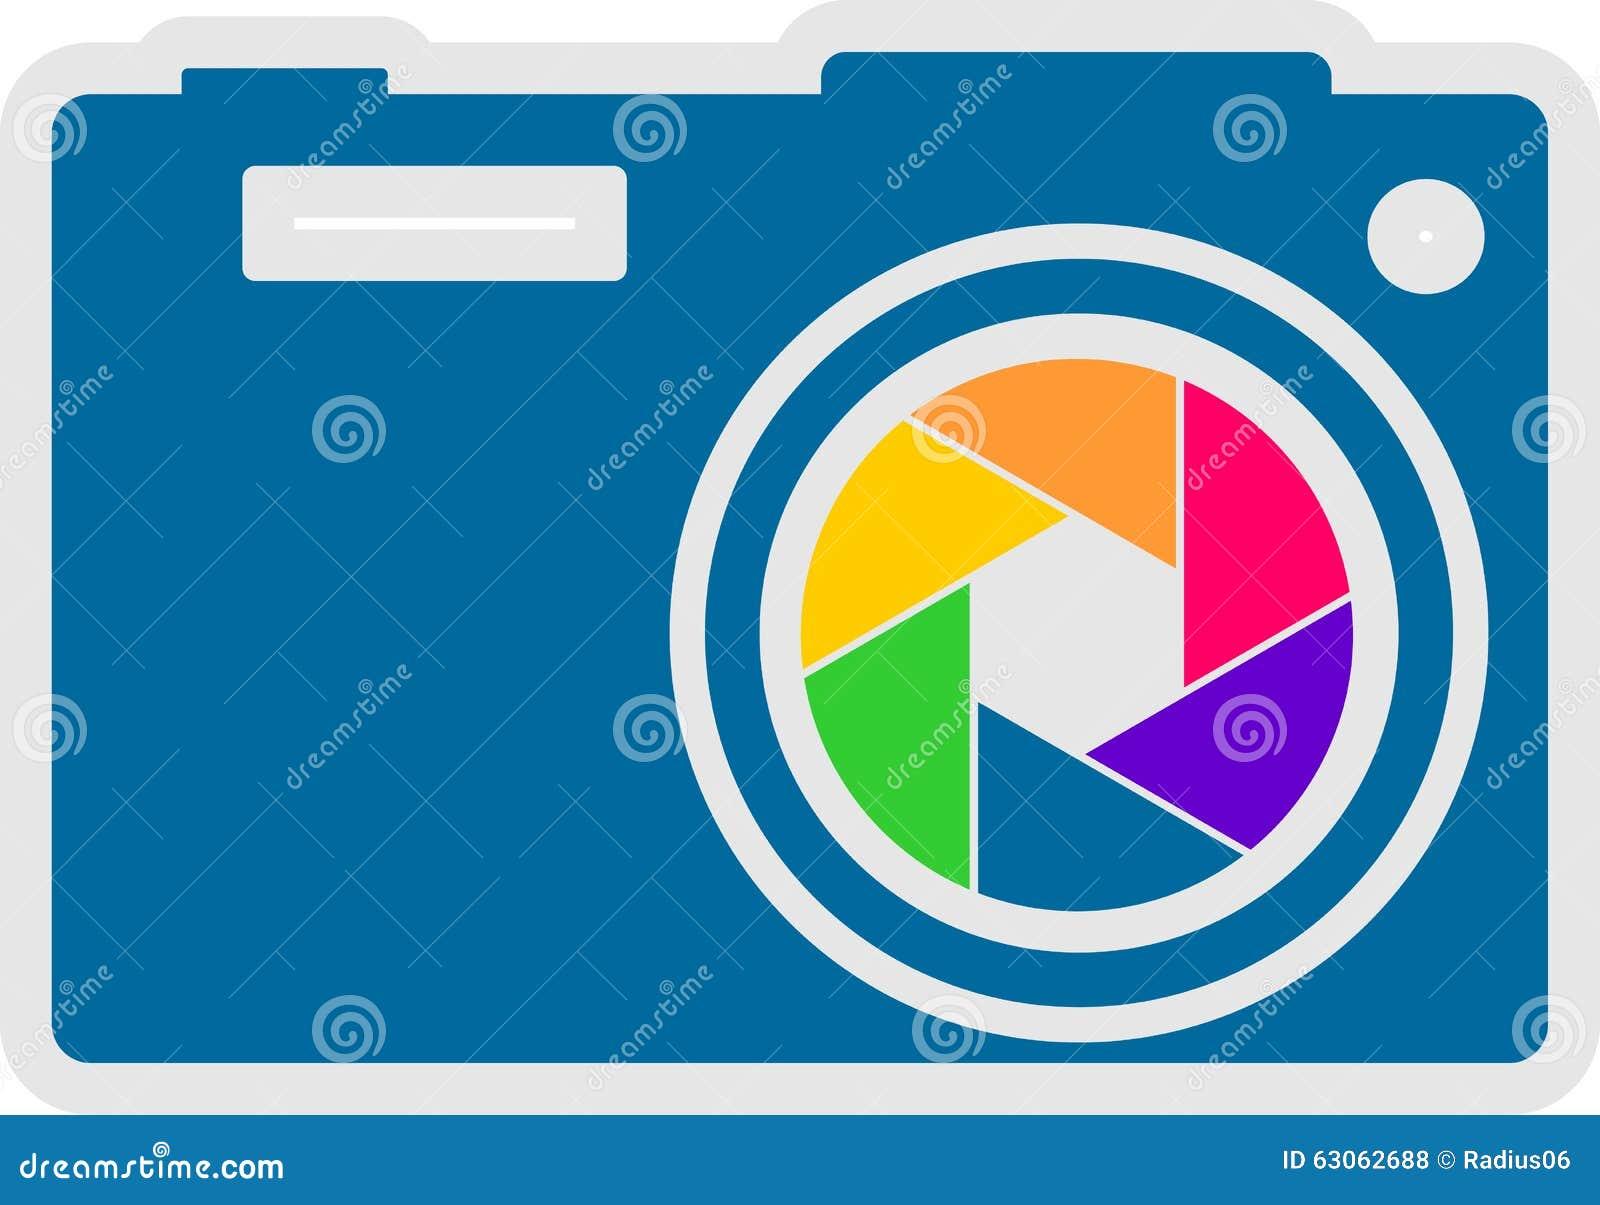 Vector Aperture - Focus Stock Vector - Image: 50685116